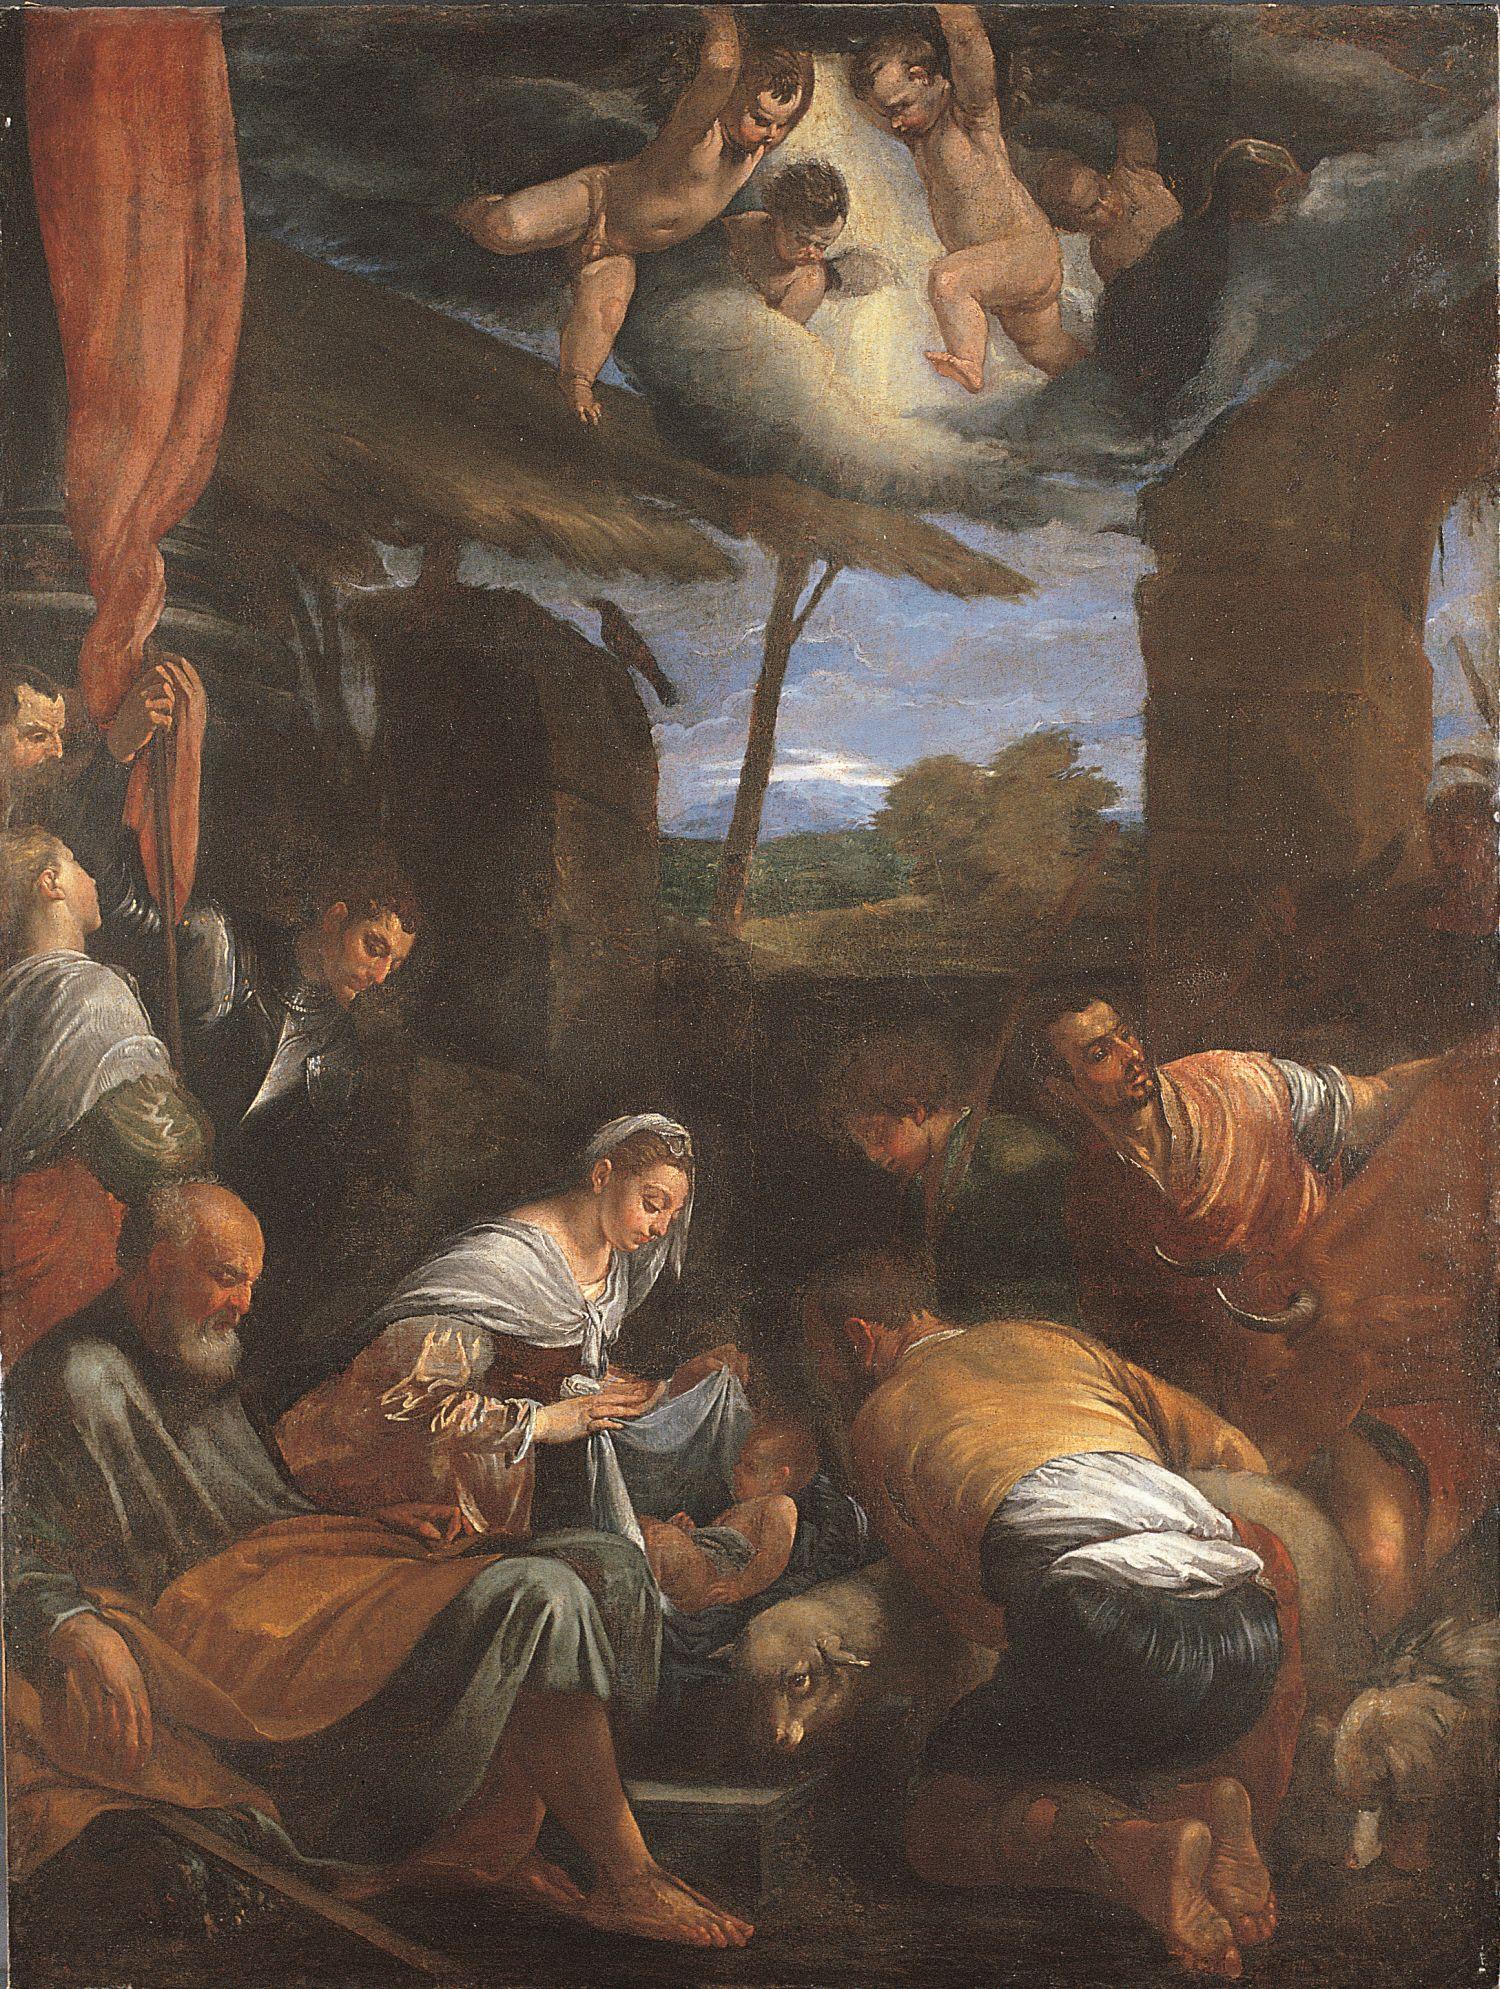 """Genova, il secentesco """"Presepe di san Giuseppe"""" di Domenico Parodi esposto a Palazzo Reale per le feste"""